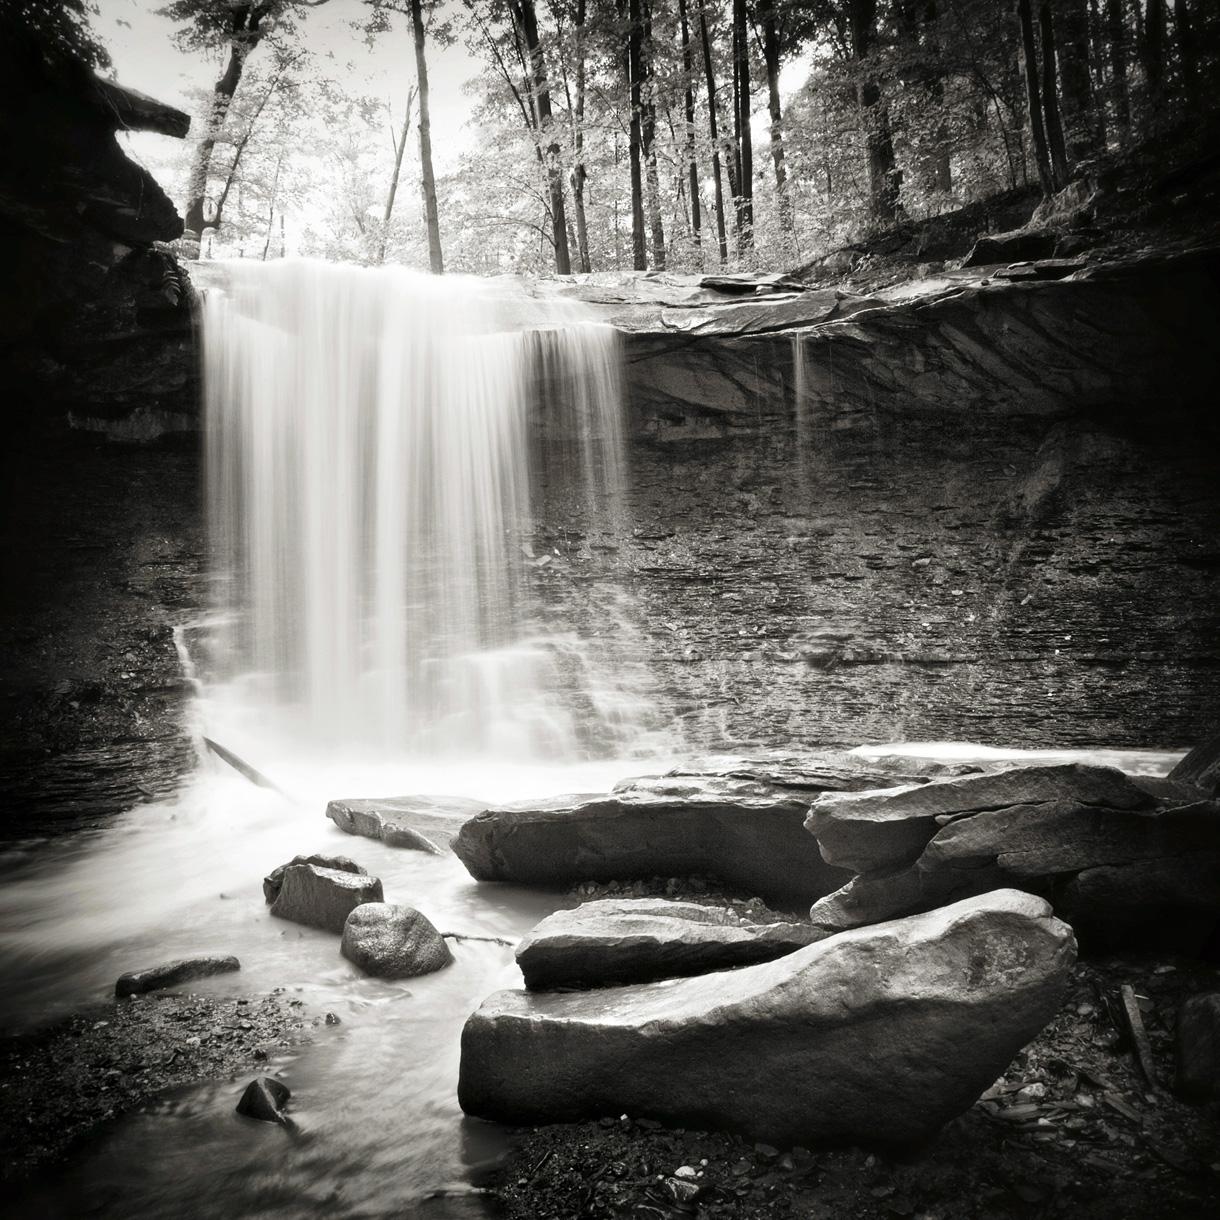 Wald-Bild auf Edelstahl